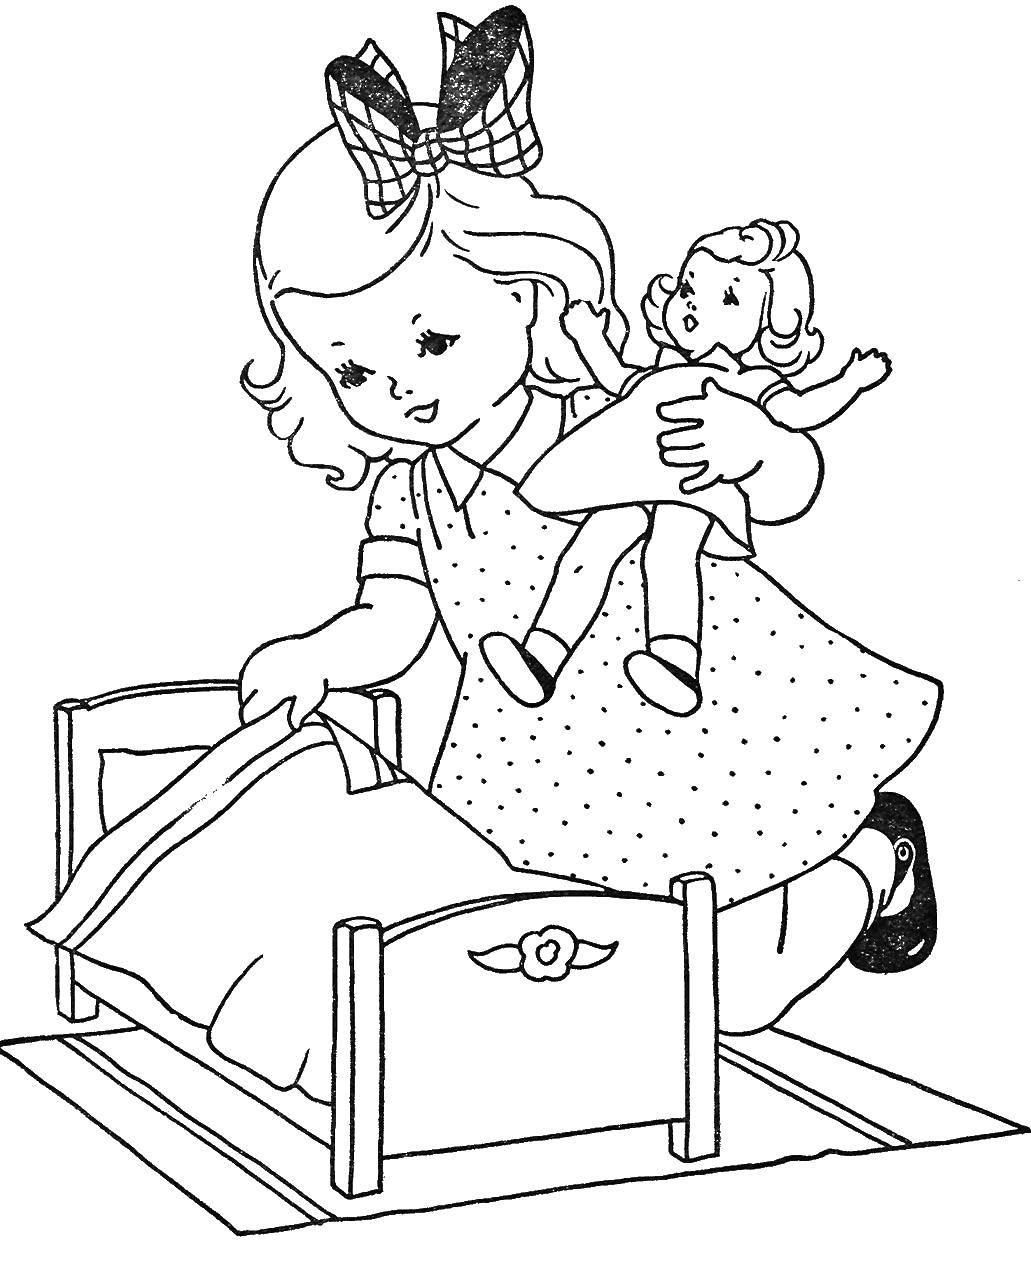 Раскраска Девочка укладывает куклу Скачать девочка, кукла, дети.  Распечатать ,Куклы,